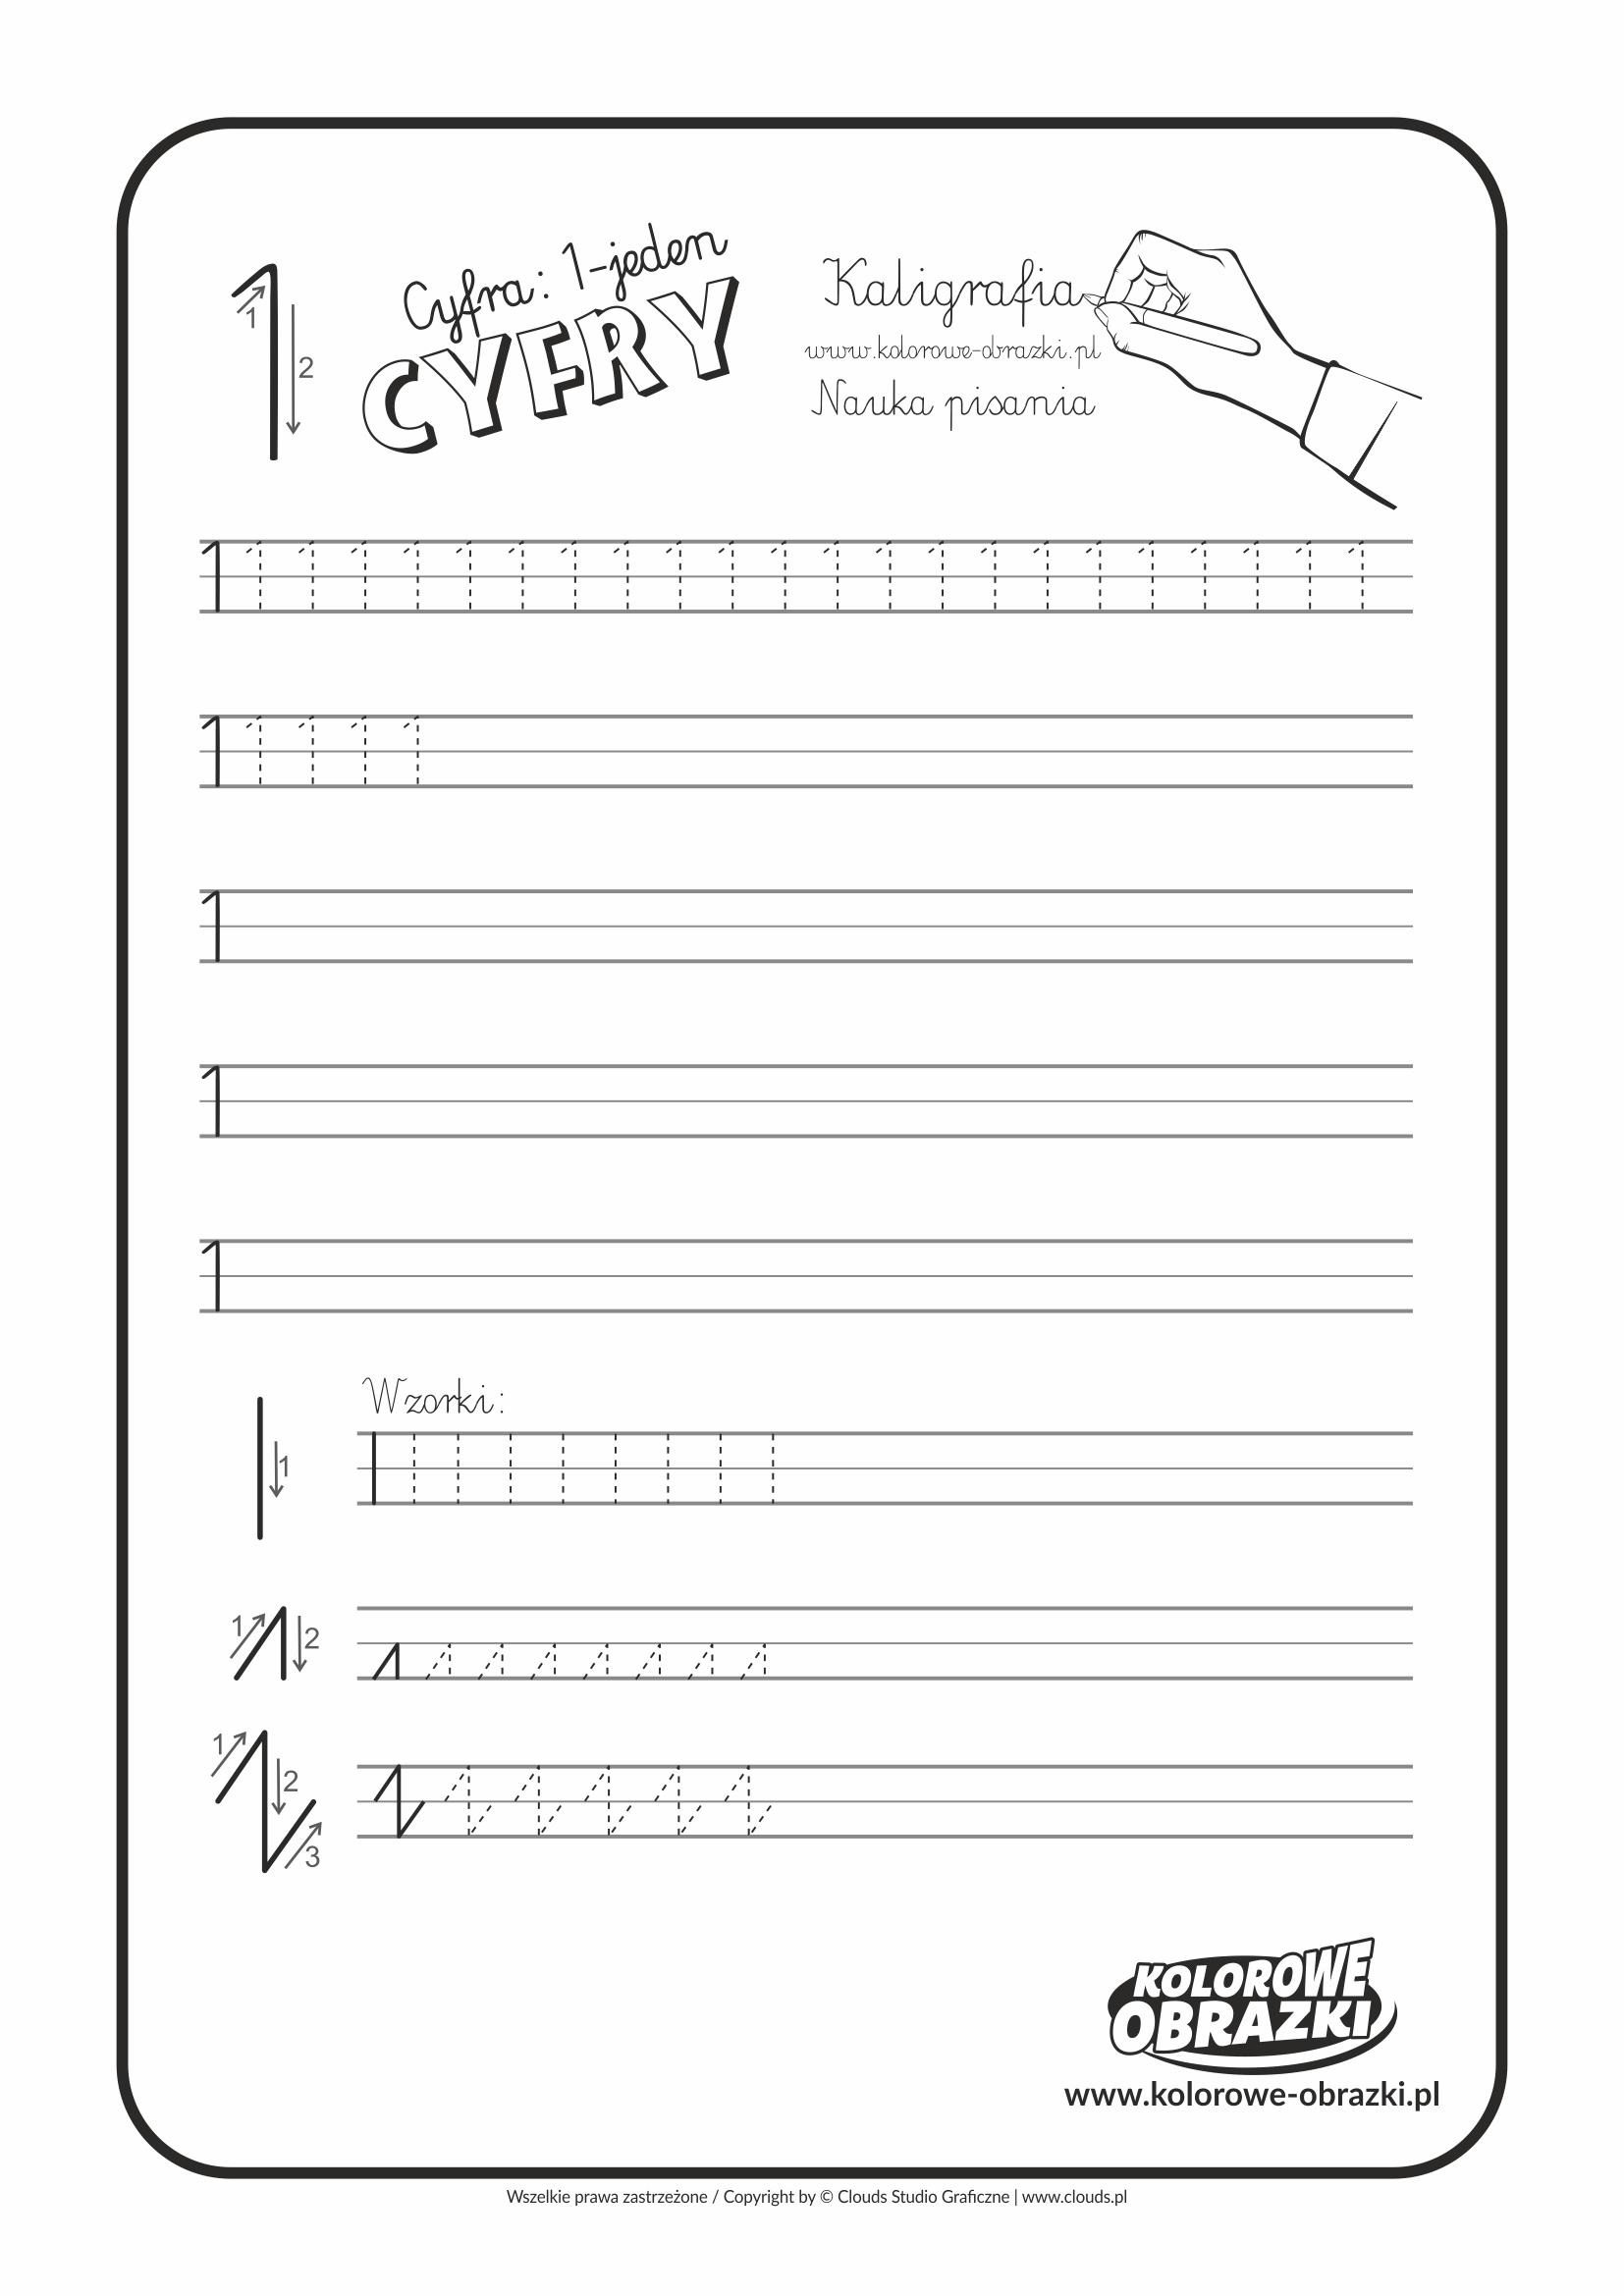 Kaligrafia dla dzieci - Ćwiczenia kaligraficzne / Cyfra 1. Nauka pisania cyfry 1